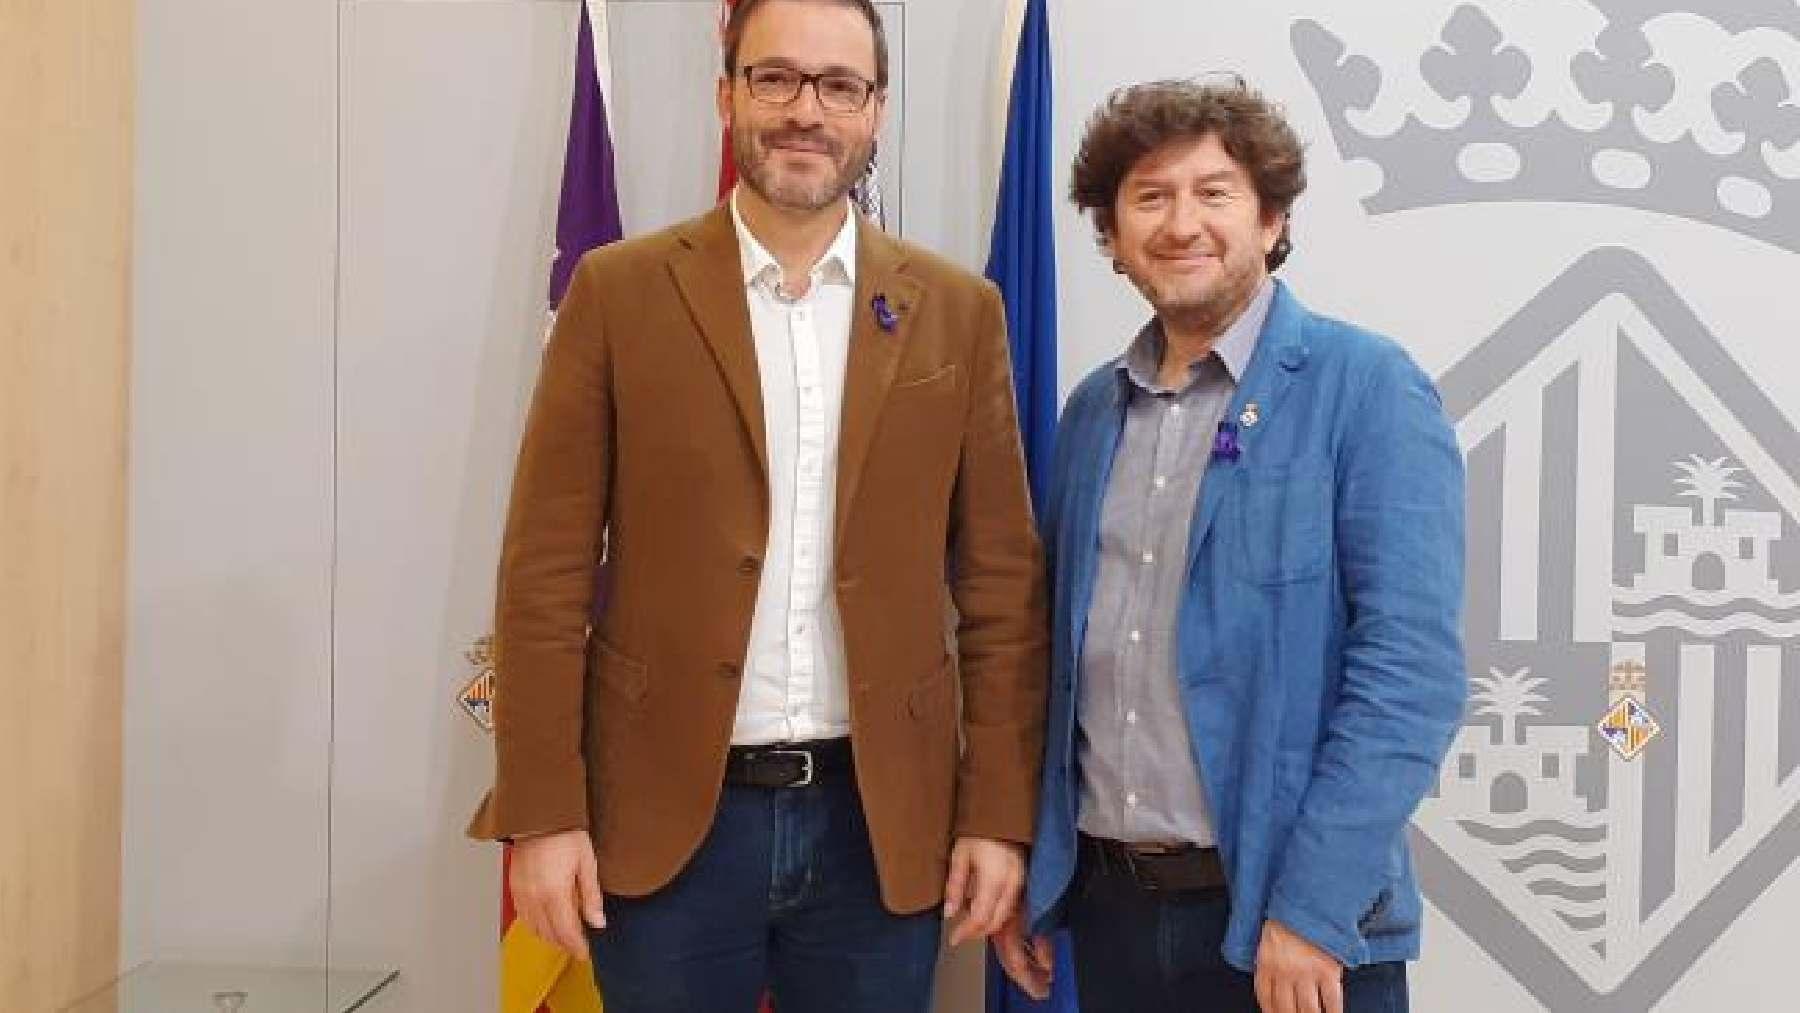 El alcalde Palma, José Hila (PSOE) y el presidente de la funeraria y edil de UP, Alberto Jarabo.